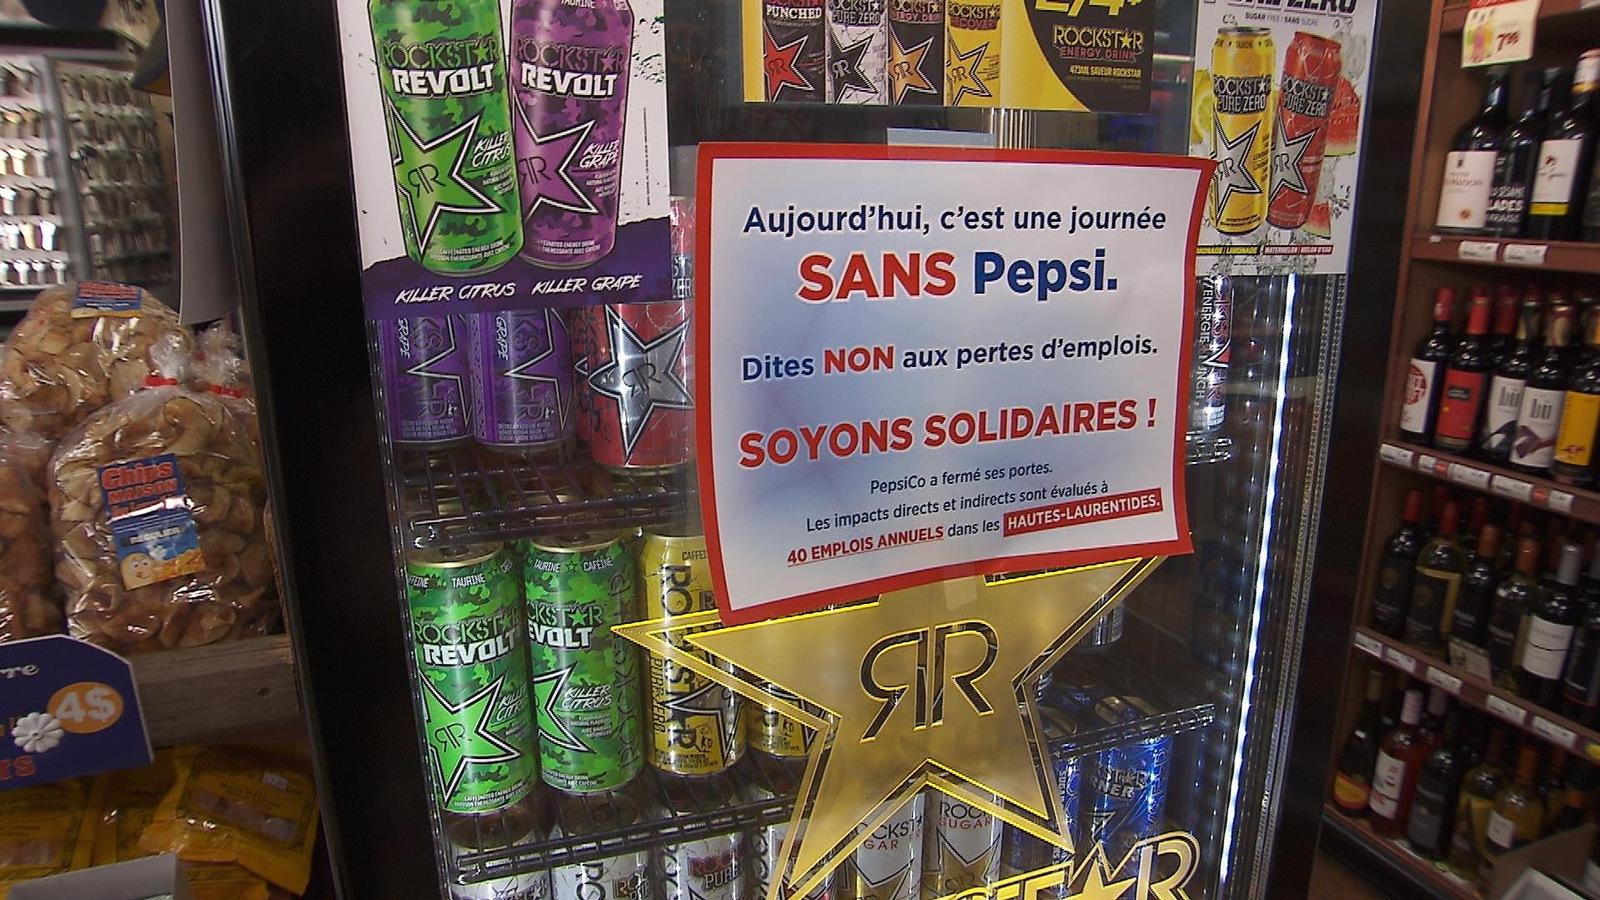 Depuis quelques mois, des commerces de Mont-Laurier mènent une campagne de boycottage contre Pepsi, après que l'entreprise eut décidé de transférer son centre de distribution à Montréal.